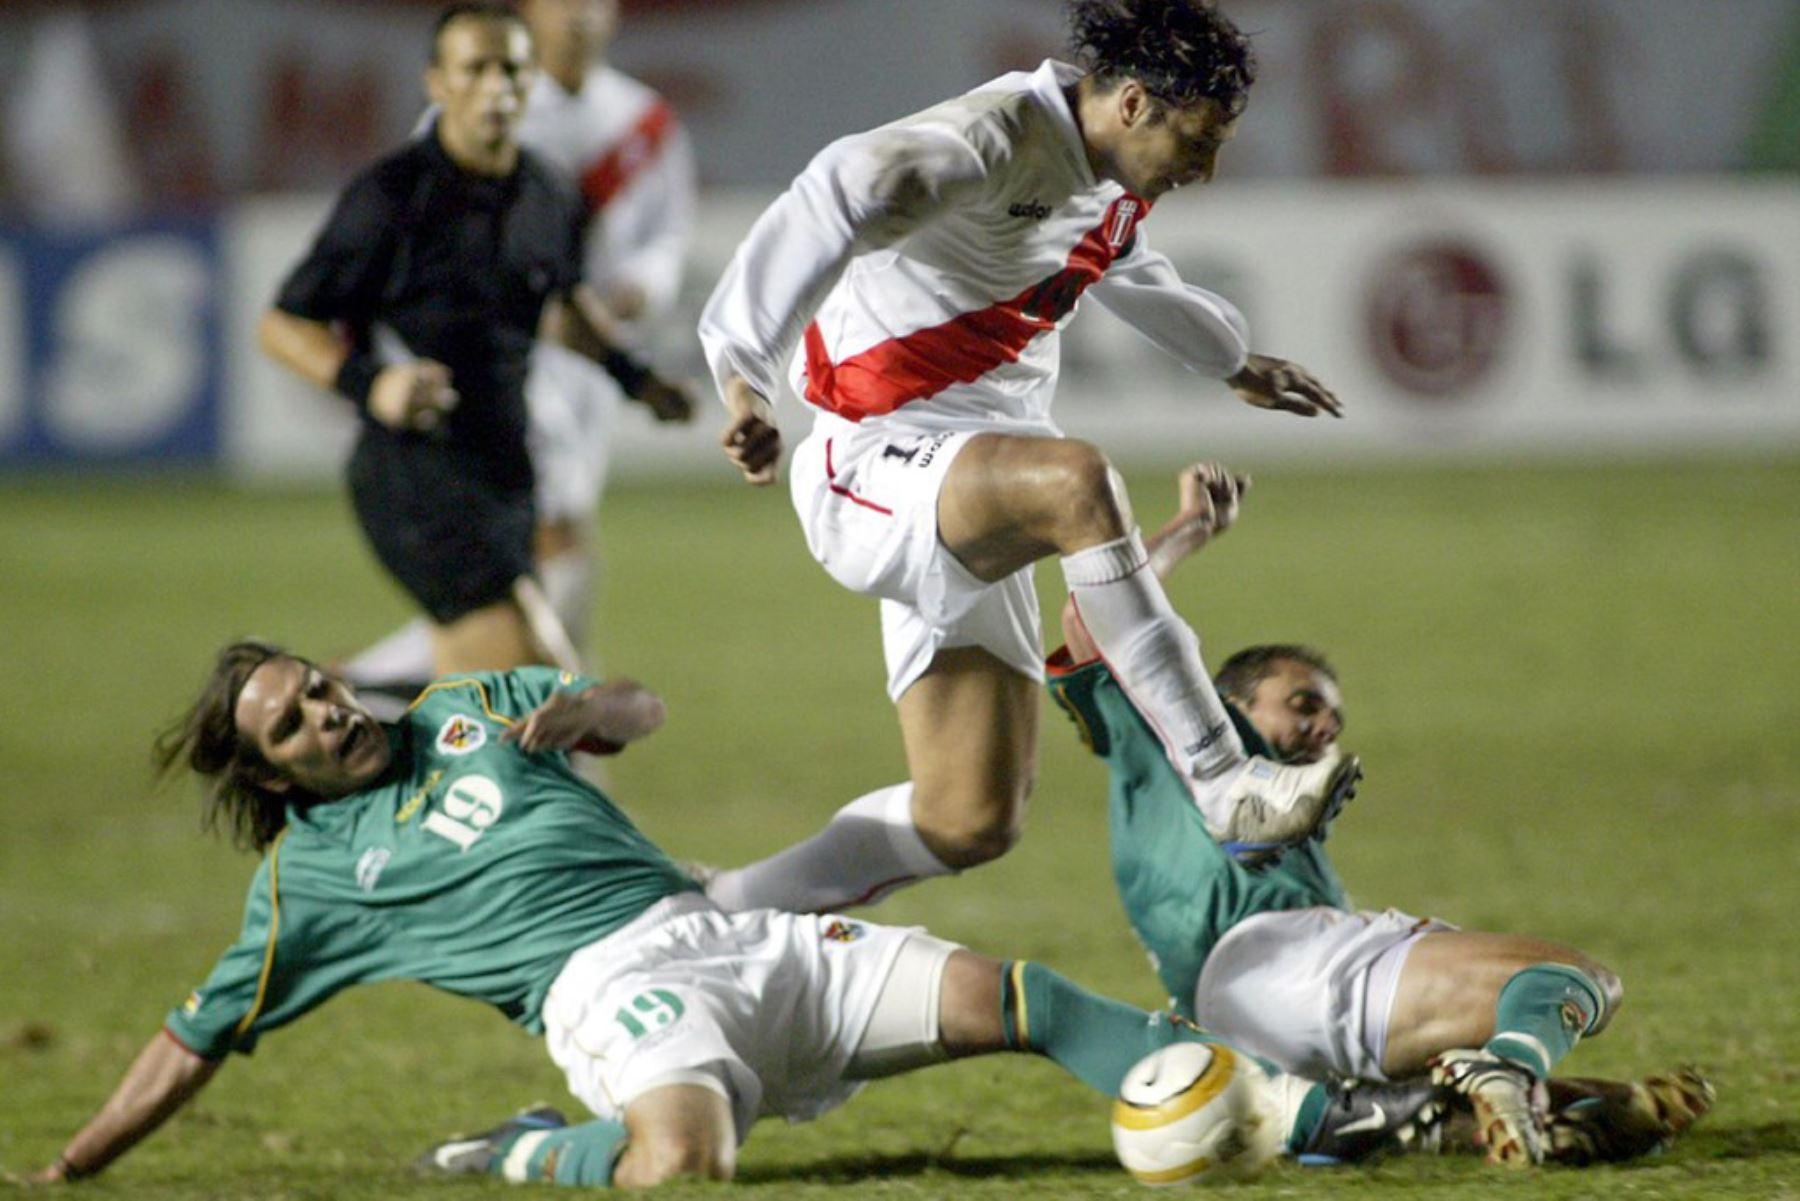 El peruano Claudio Pizarro lucha por el balón con los bolvianos Gonzalo Galindo y Sergio Jauregui en el estadio Nacional de Lima, durante el partido de primera ronda de la Copa América 2004. Perú y Bolivia empataron 2-2.  Foto :AFP